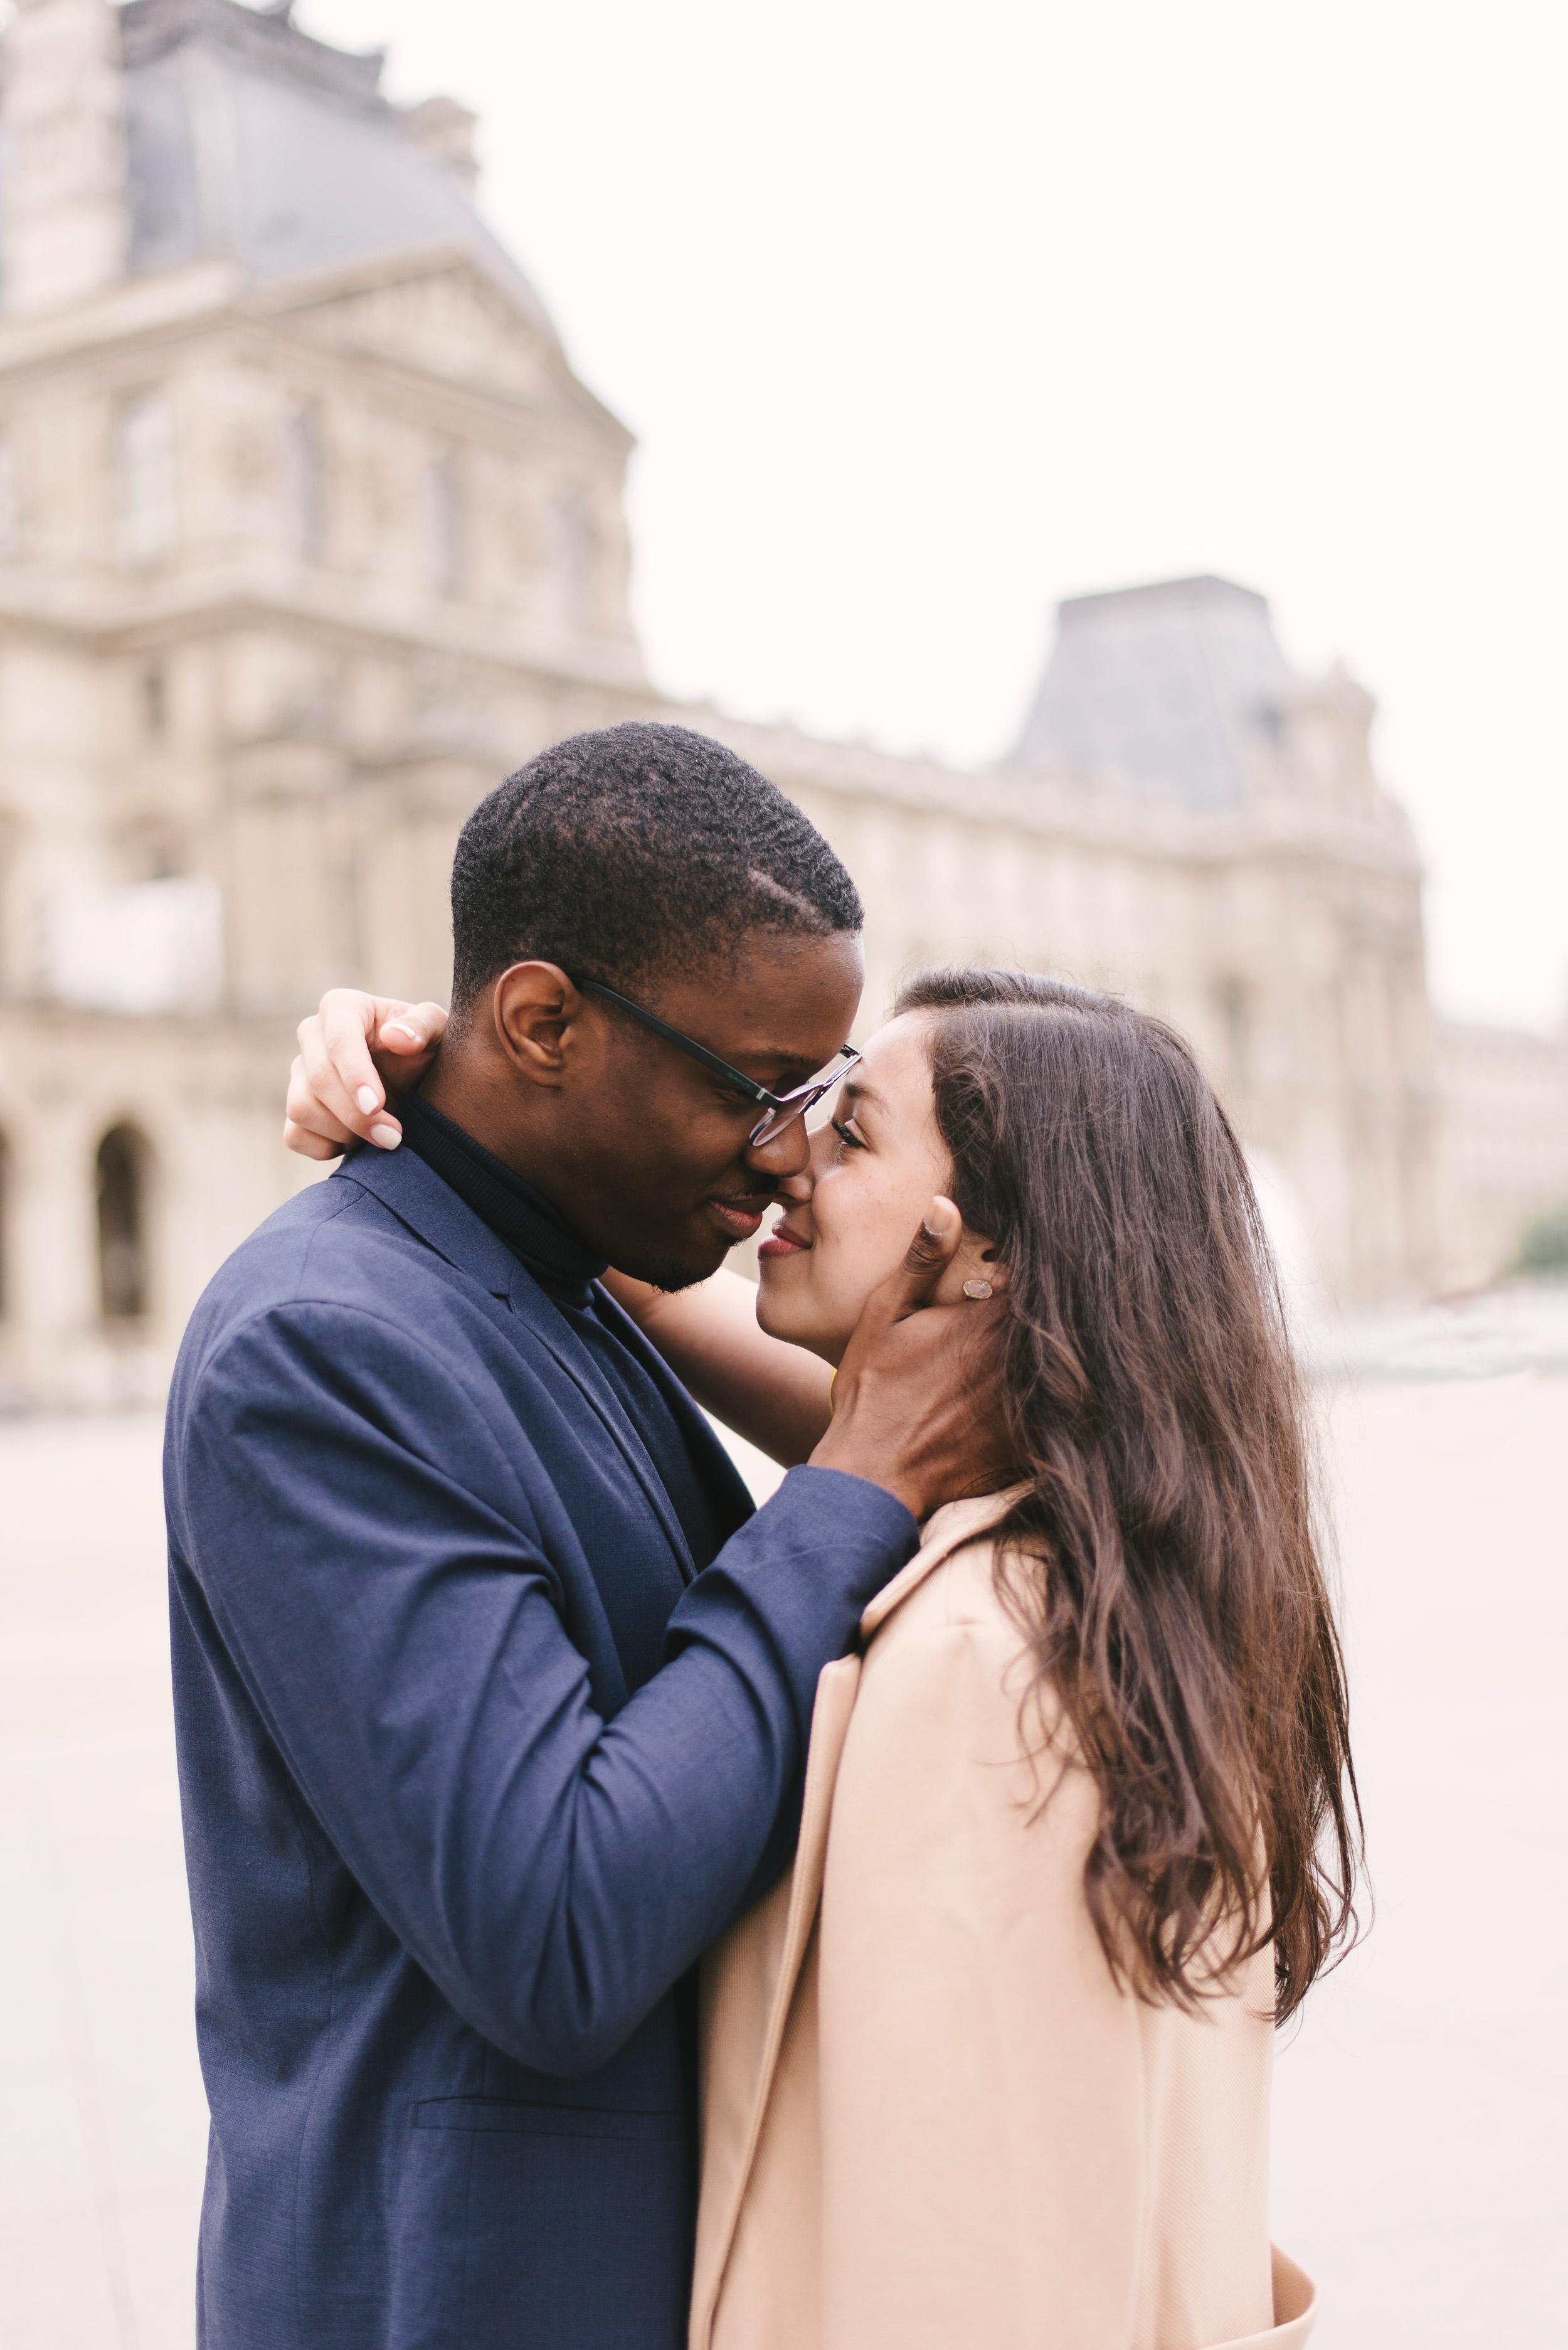 Couple-photoshoot-Paris-Pont-des-arts-Louvre-PalaisRoyale-079.jpg